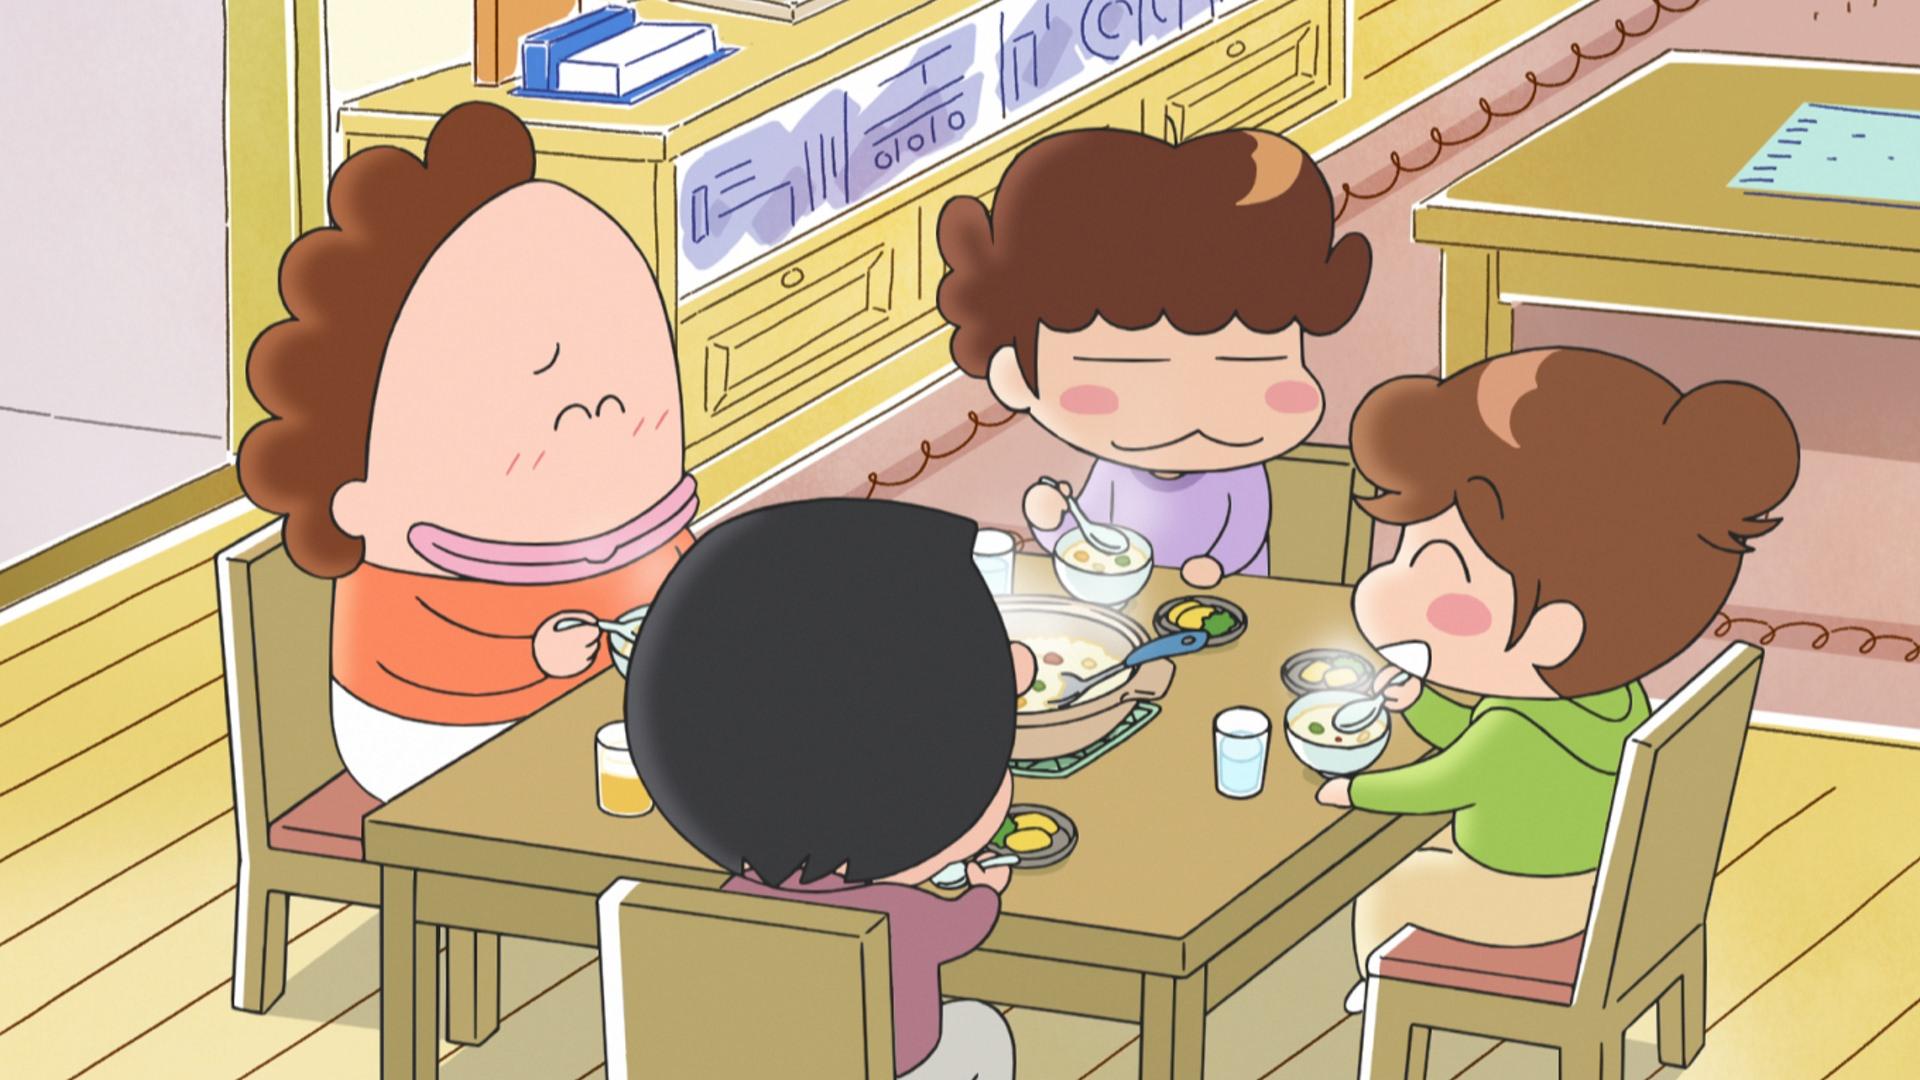 為什麼《我們這一家》會成為日本人心目中最愛的家庭動畫?因為它講出了這件每個家庭都會發生的事 ...